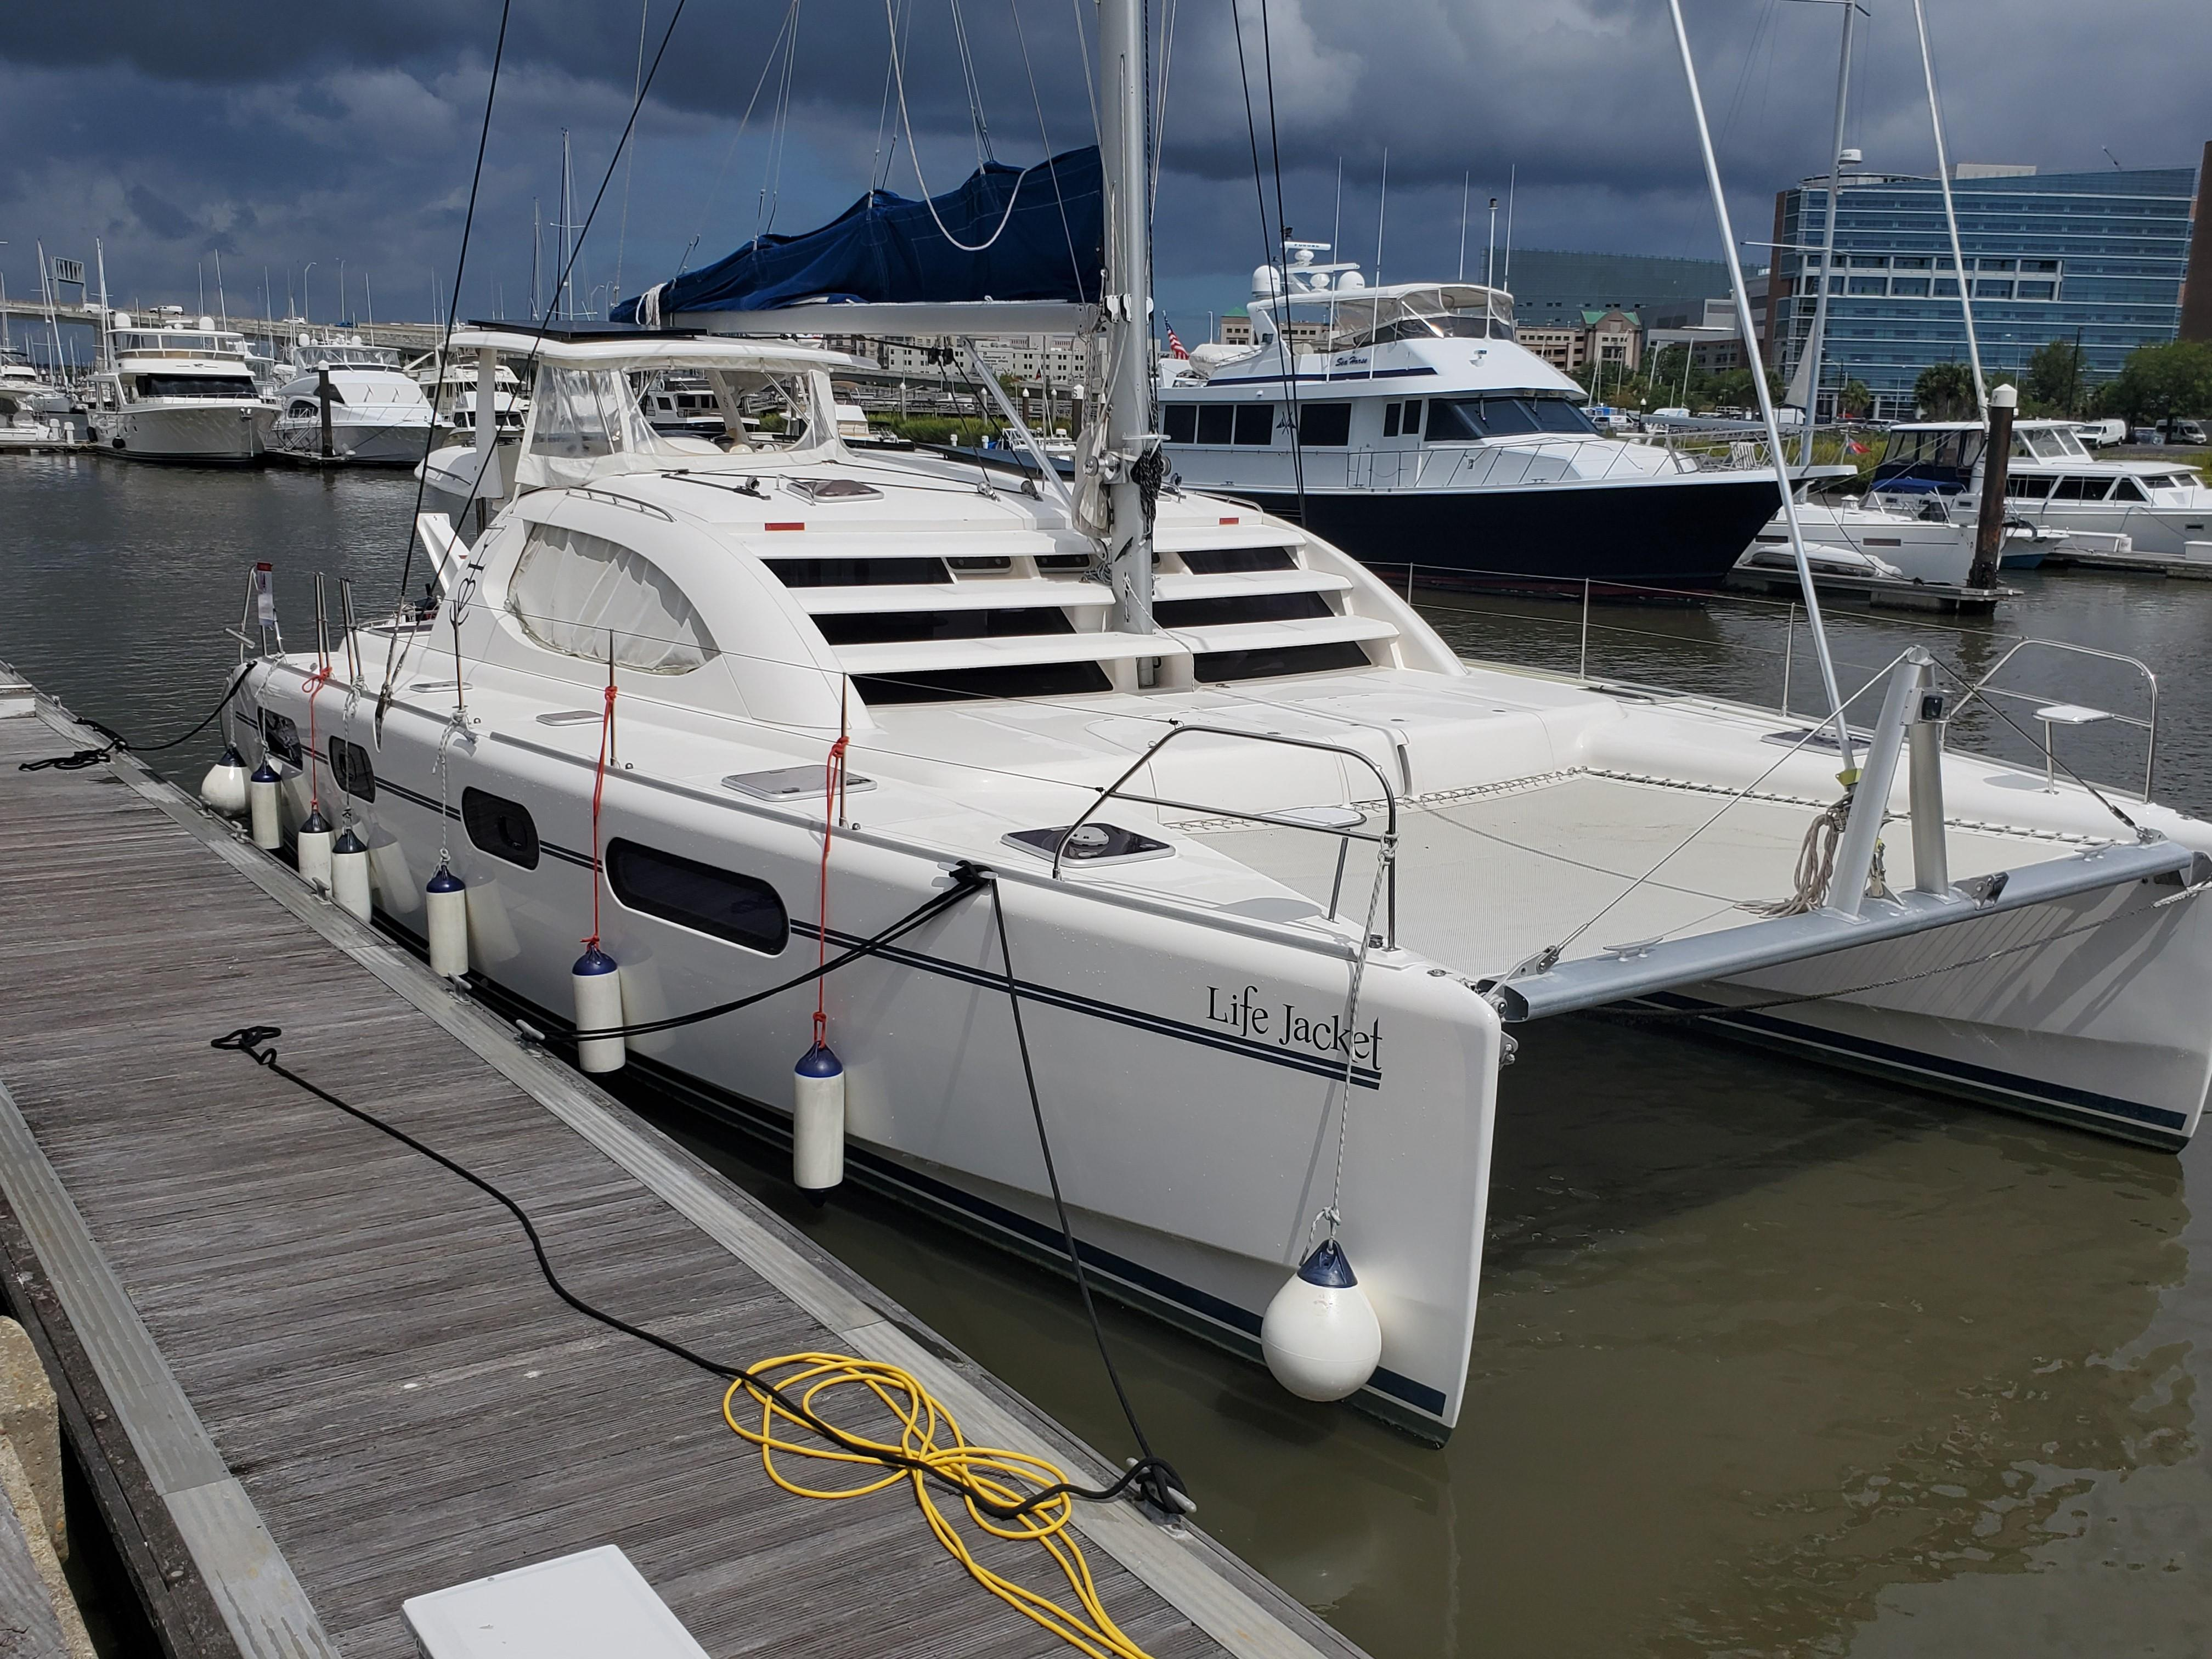 Leopard 46 Sailing Catamaran Lifejacket for sale | Leopard ...